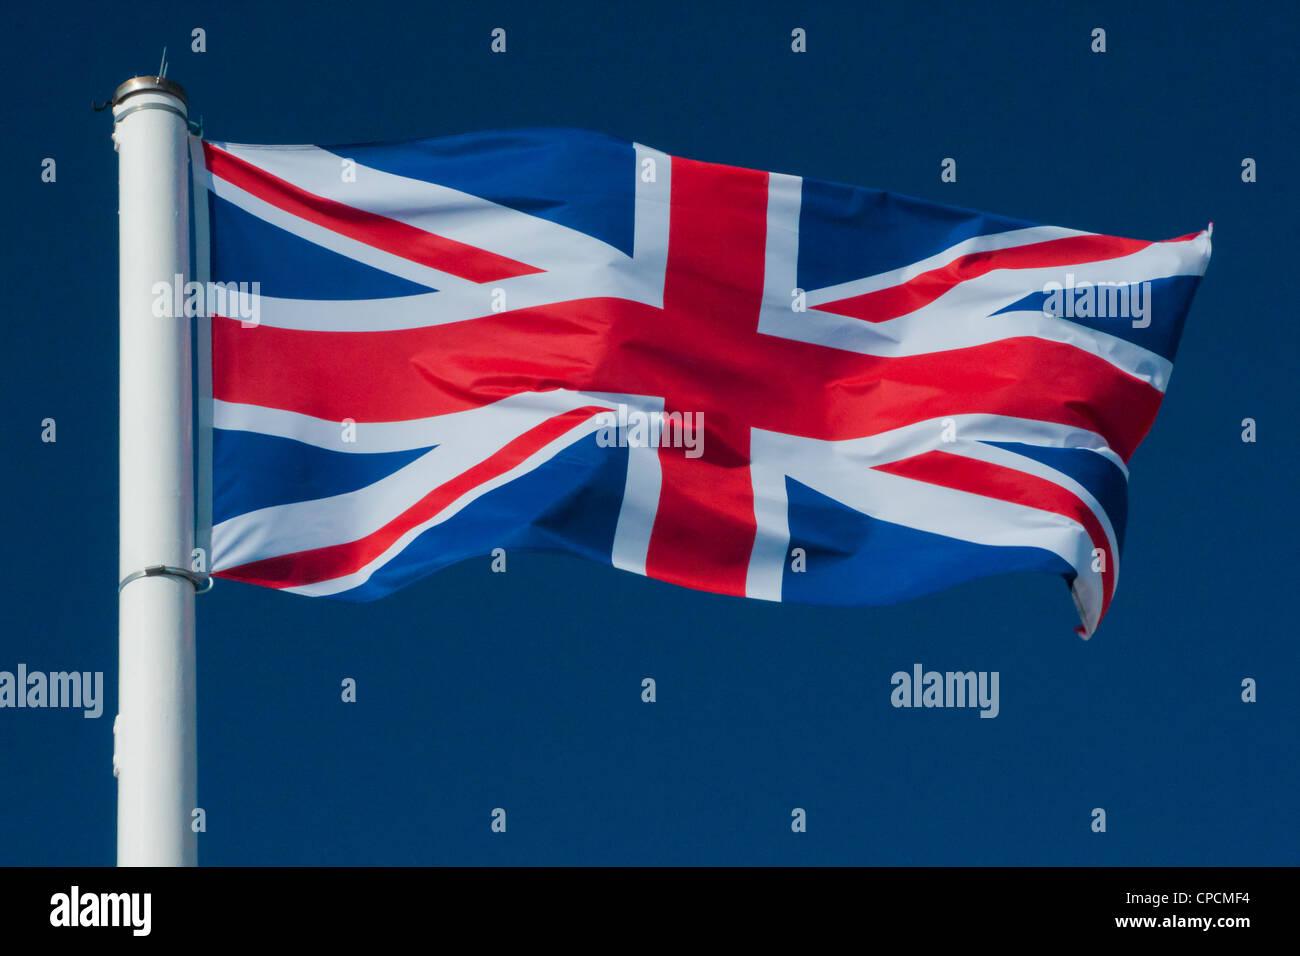 Union Jack Flag Flying with Blue Background - Stock Image